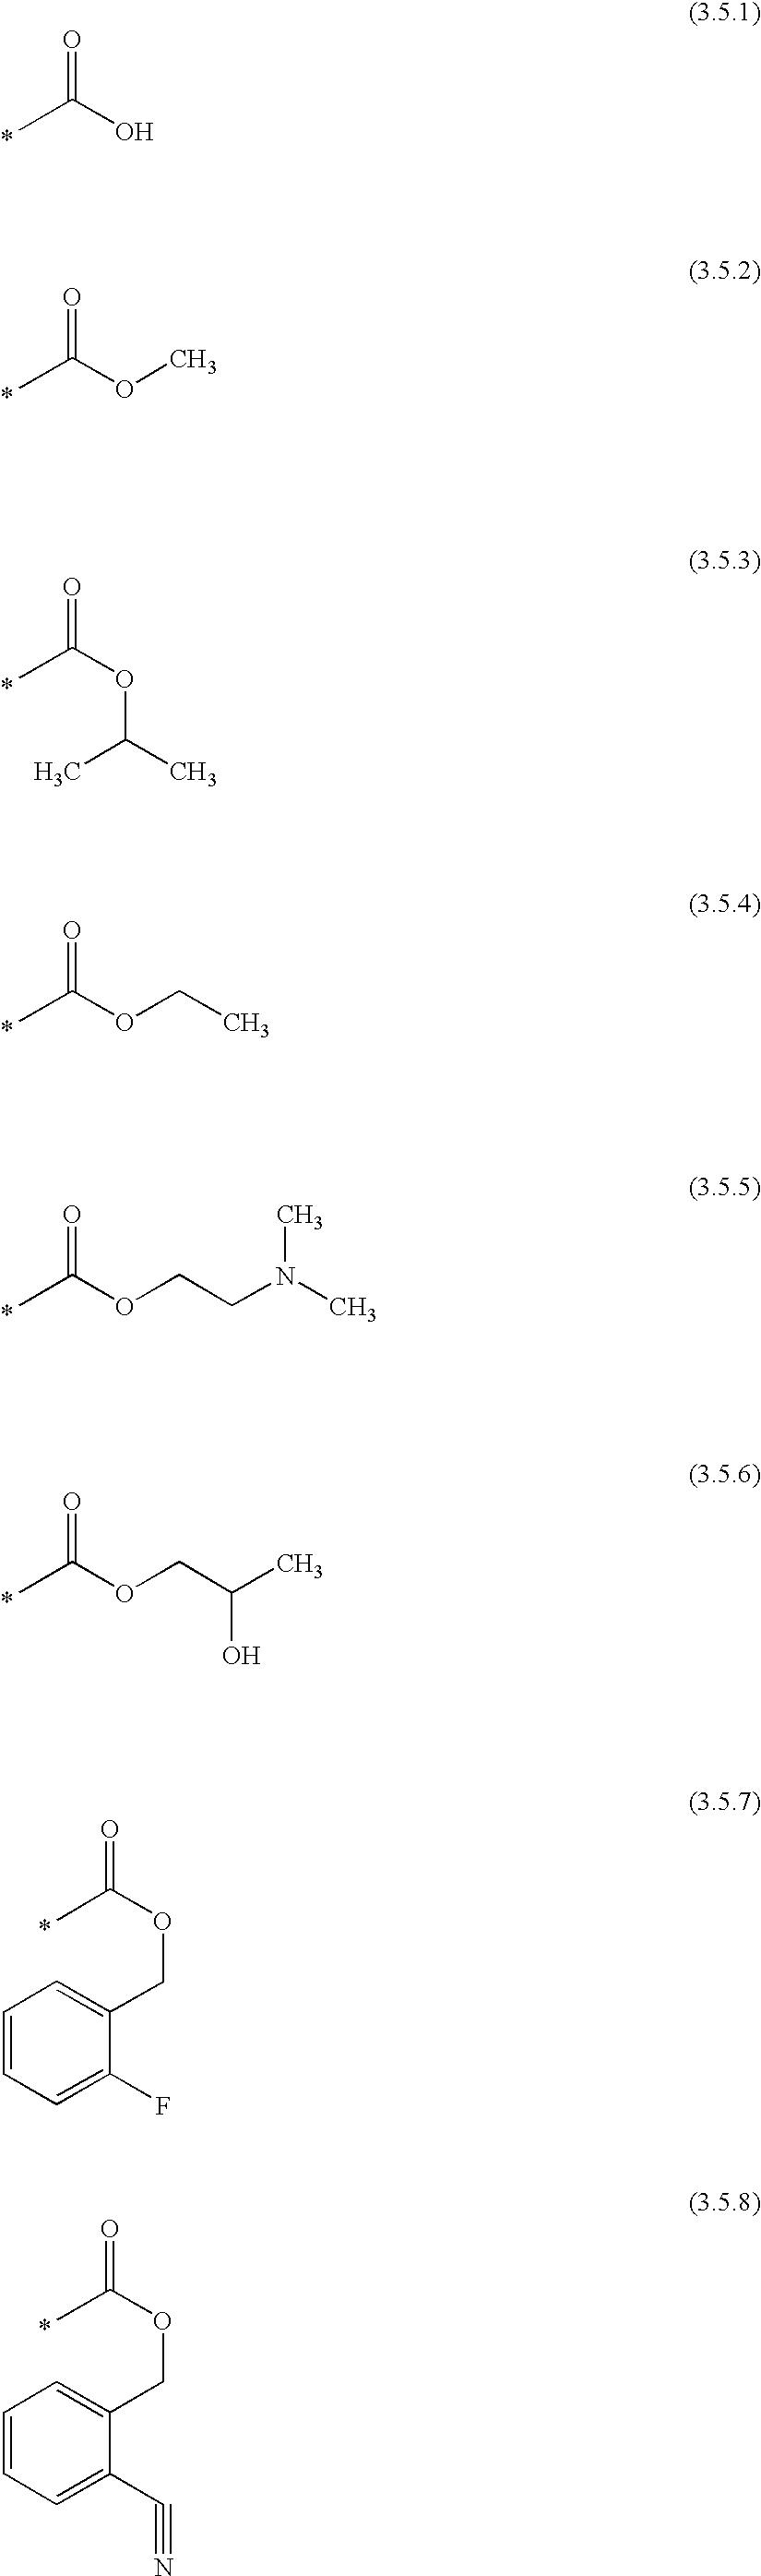 Figure US20030186974A1-20031002-C00143